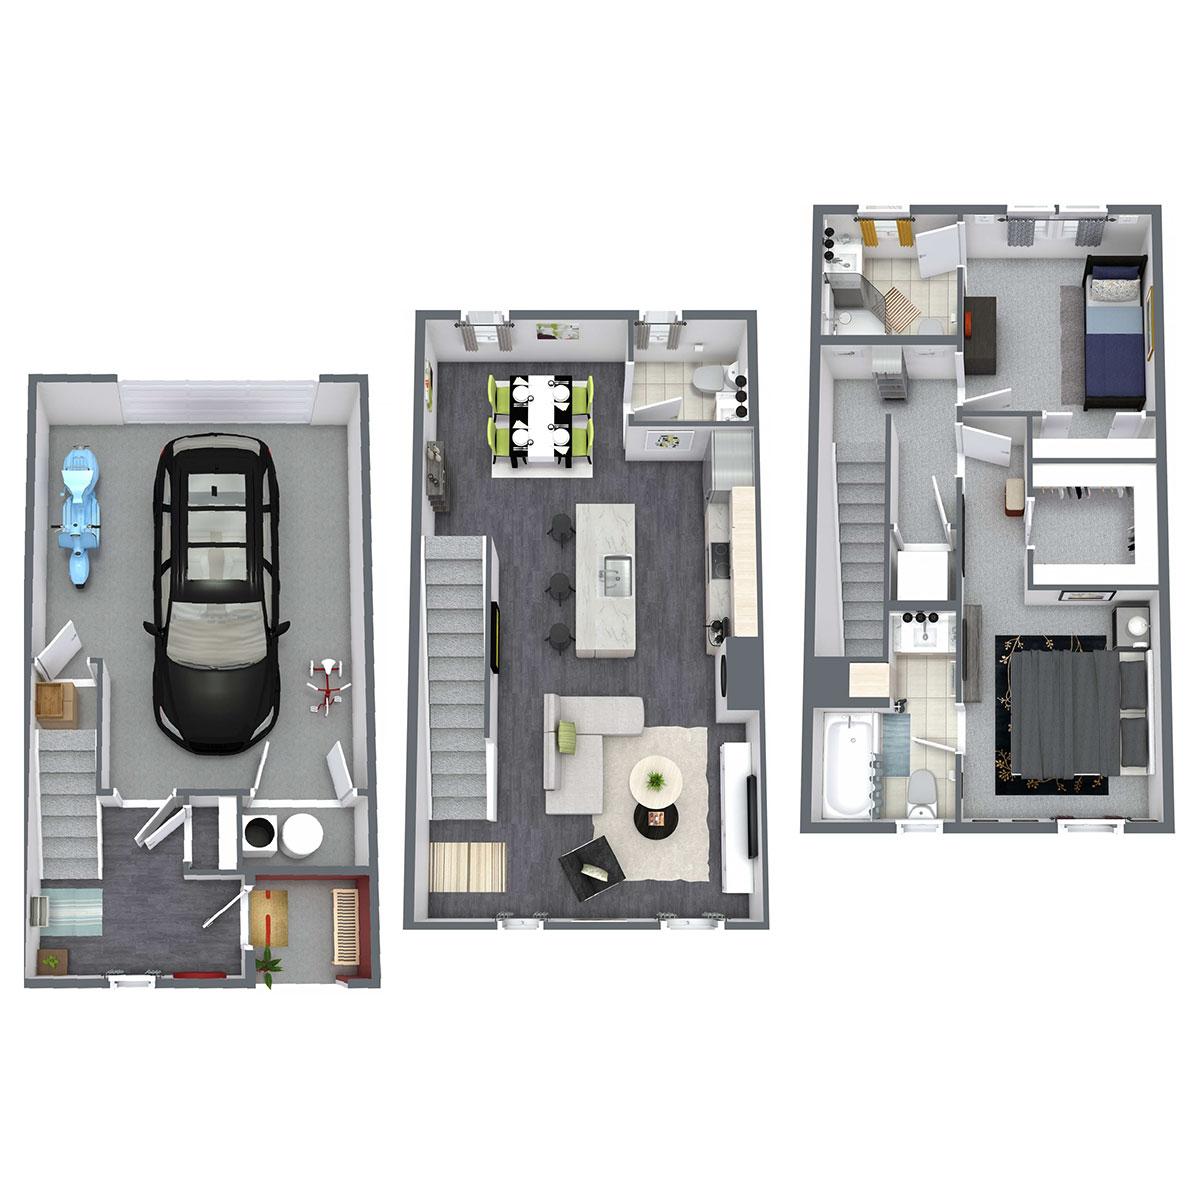 Juniper Rows at Deer Creek - Floorplan - Birch - 1 Bedroom with Den